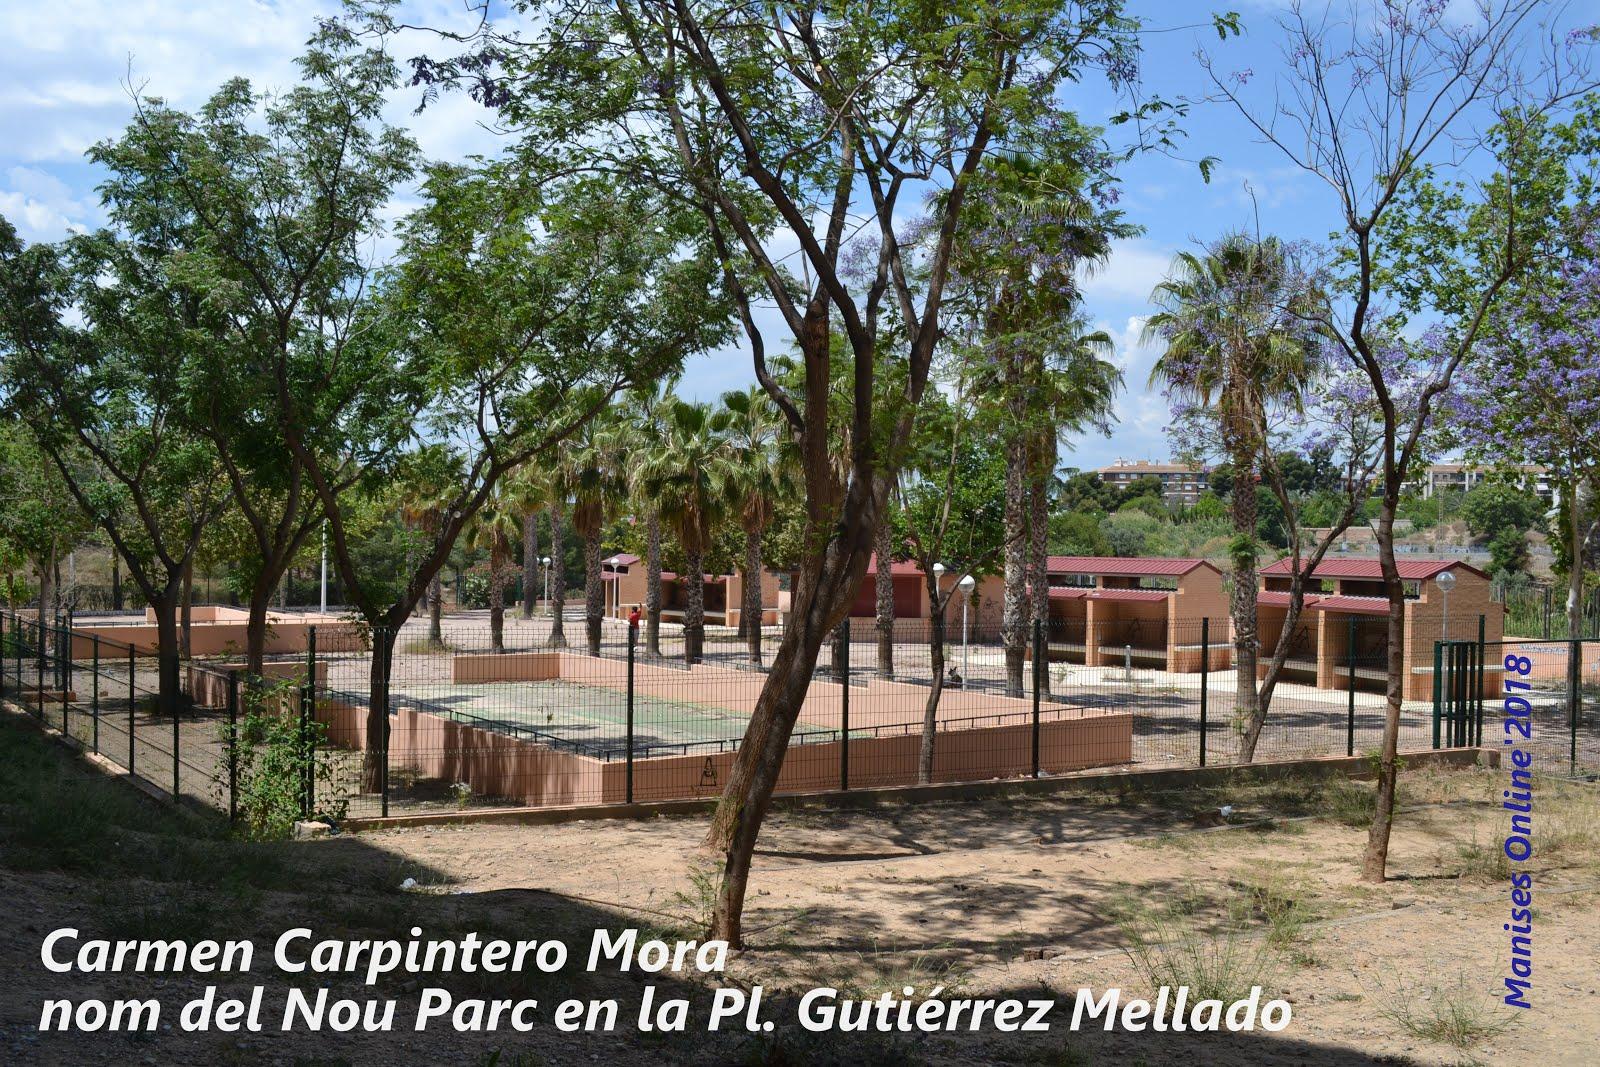 14.05.18 EL NUEVO PARQUE DE MANISES YA TIENE NOMBRE: CARMEN CARPINTERO MORA